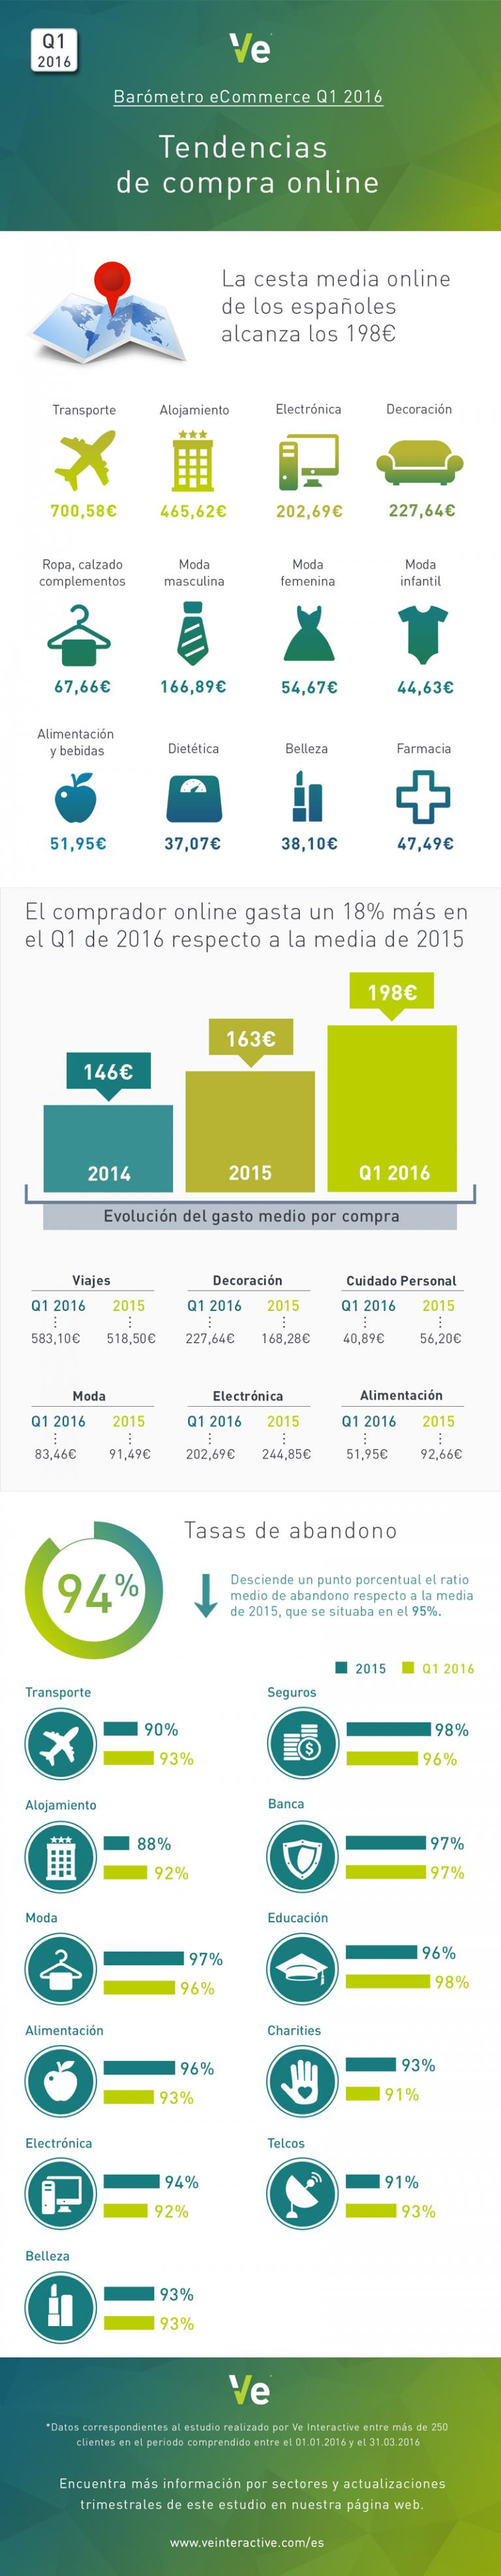 Tendencias de compra online en España en el primer cuarto del 2016. Por www.veinteractive.com